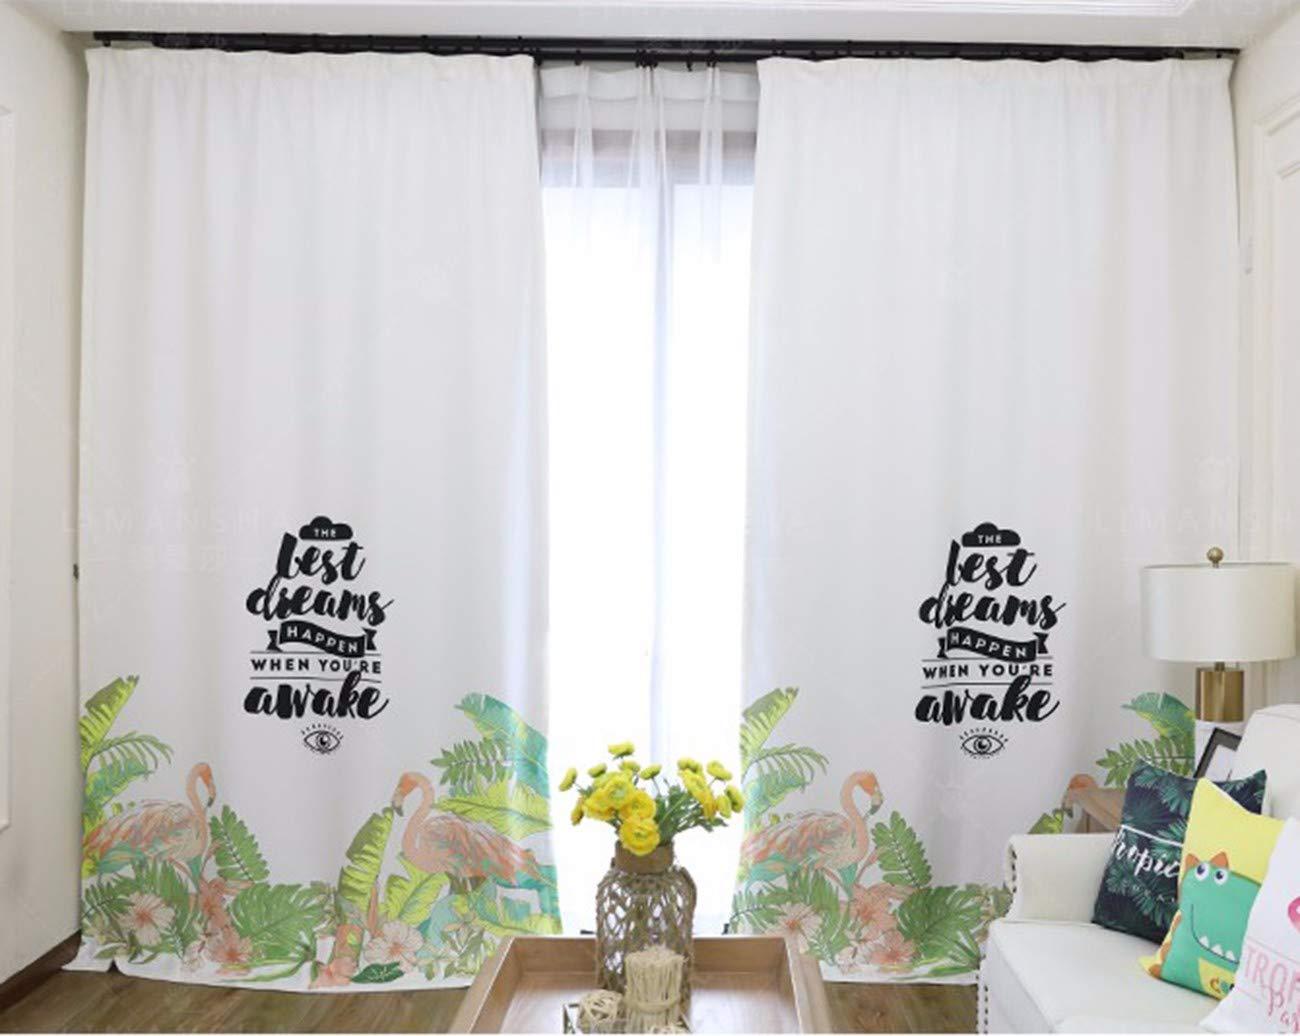 Full Size of B 250 Xpy Curtain Gardine Vorhnge Gardinen Schattentuch Voller Alarmanlagen Für Fenster Und Türen Schranksysteme Schlafzimmer Körbe Badezimmer Küche Schlafzimmer Gardinen Für Schlafzimmer